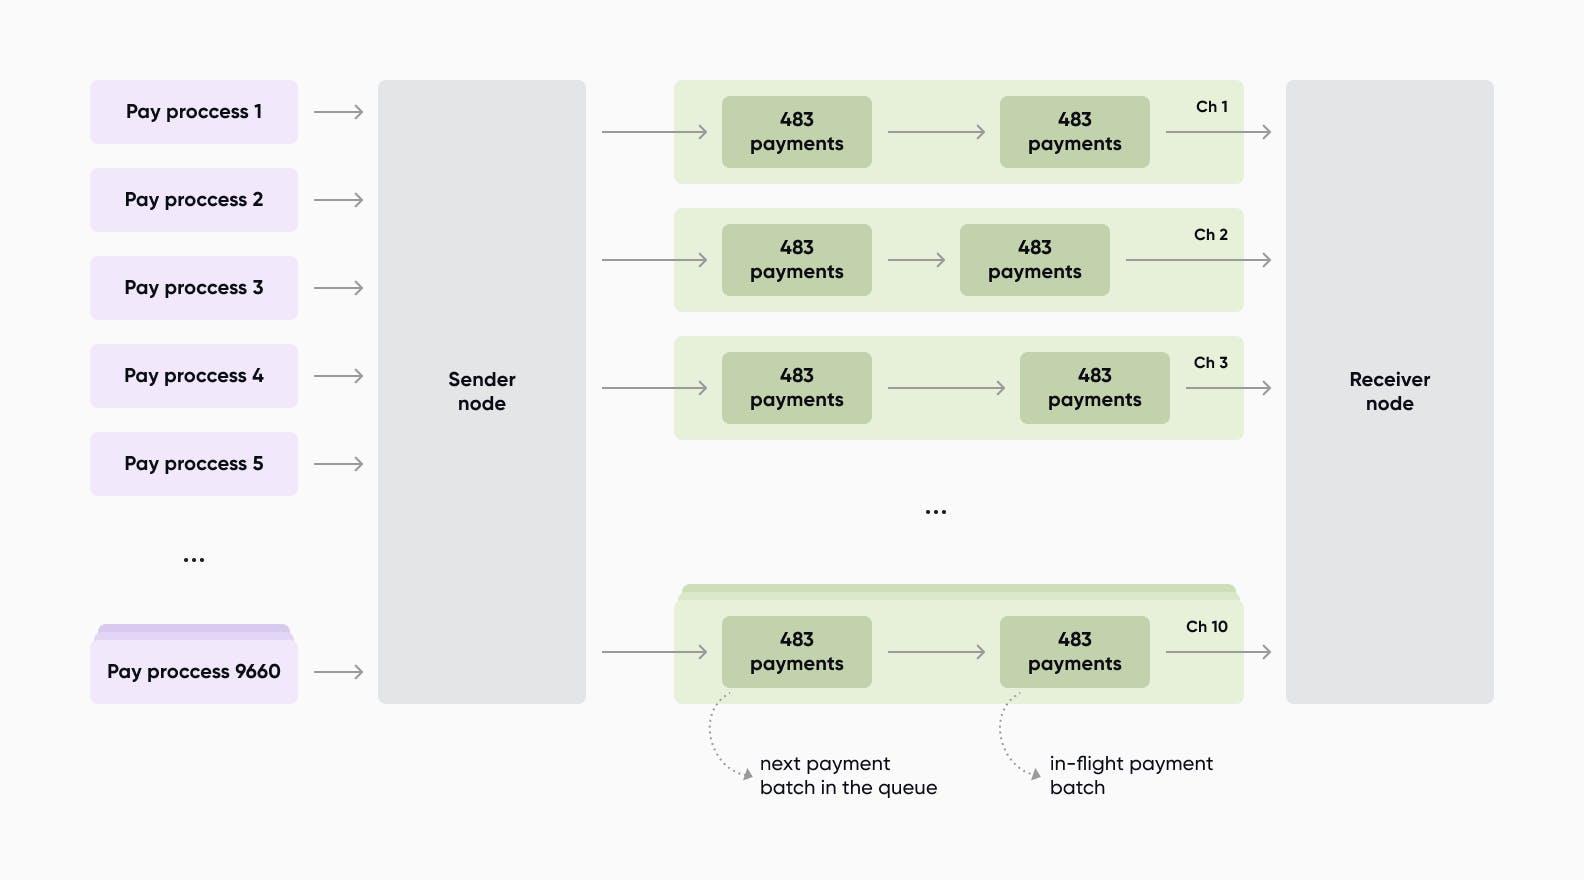 payment batch diagram